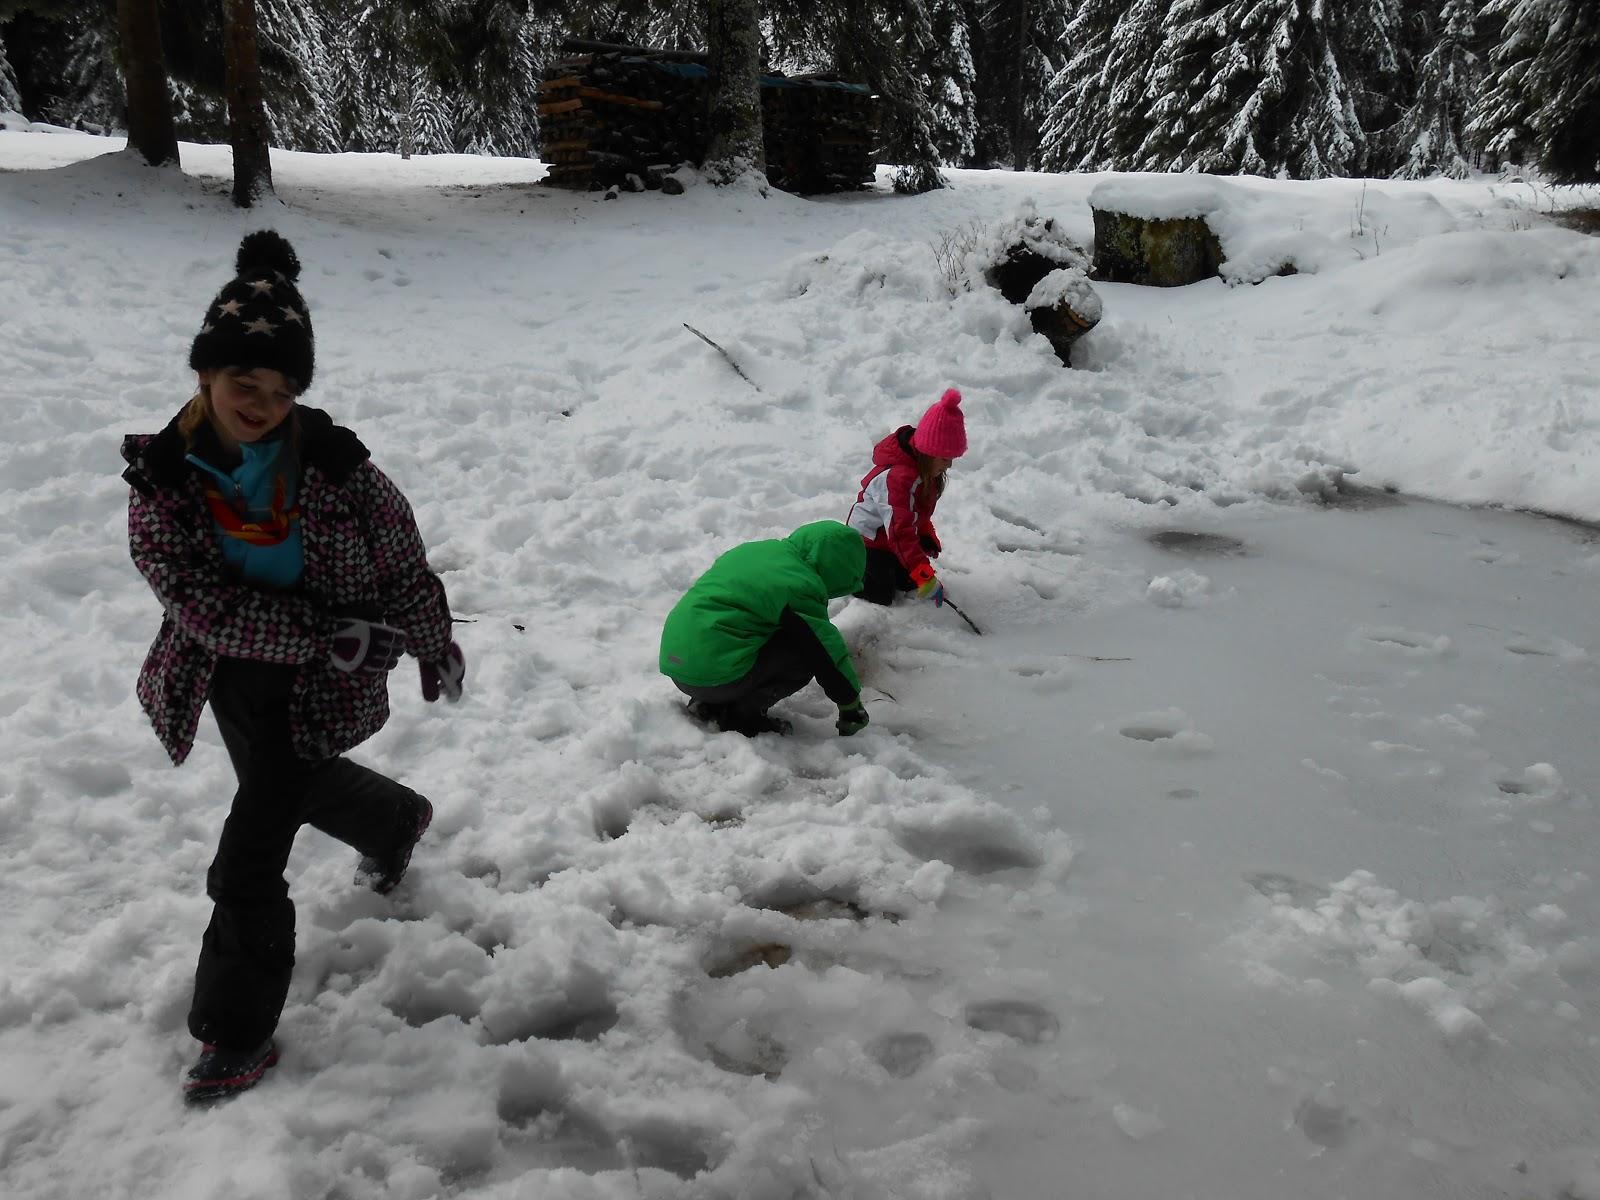 MČ zimovanje, Črni dol, 12.-13. februar 2016 - DSCN4984.JPG